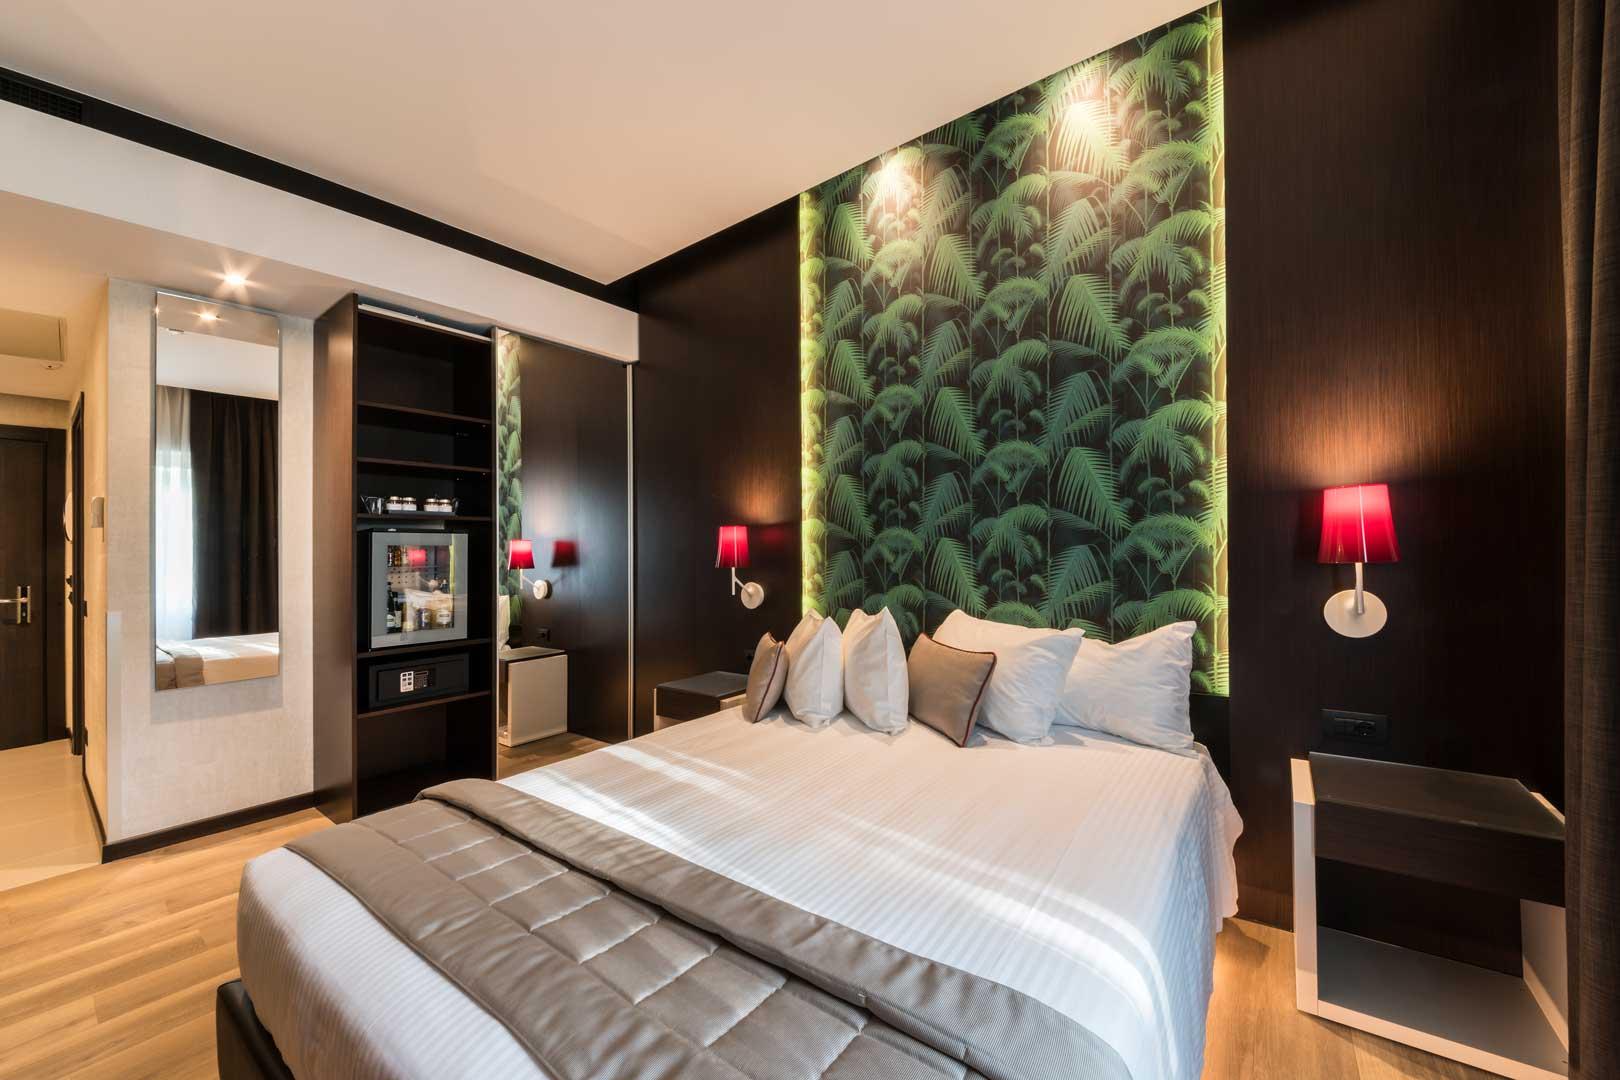 Hotel Manin | Park Room